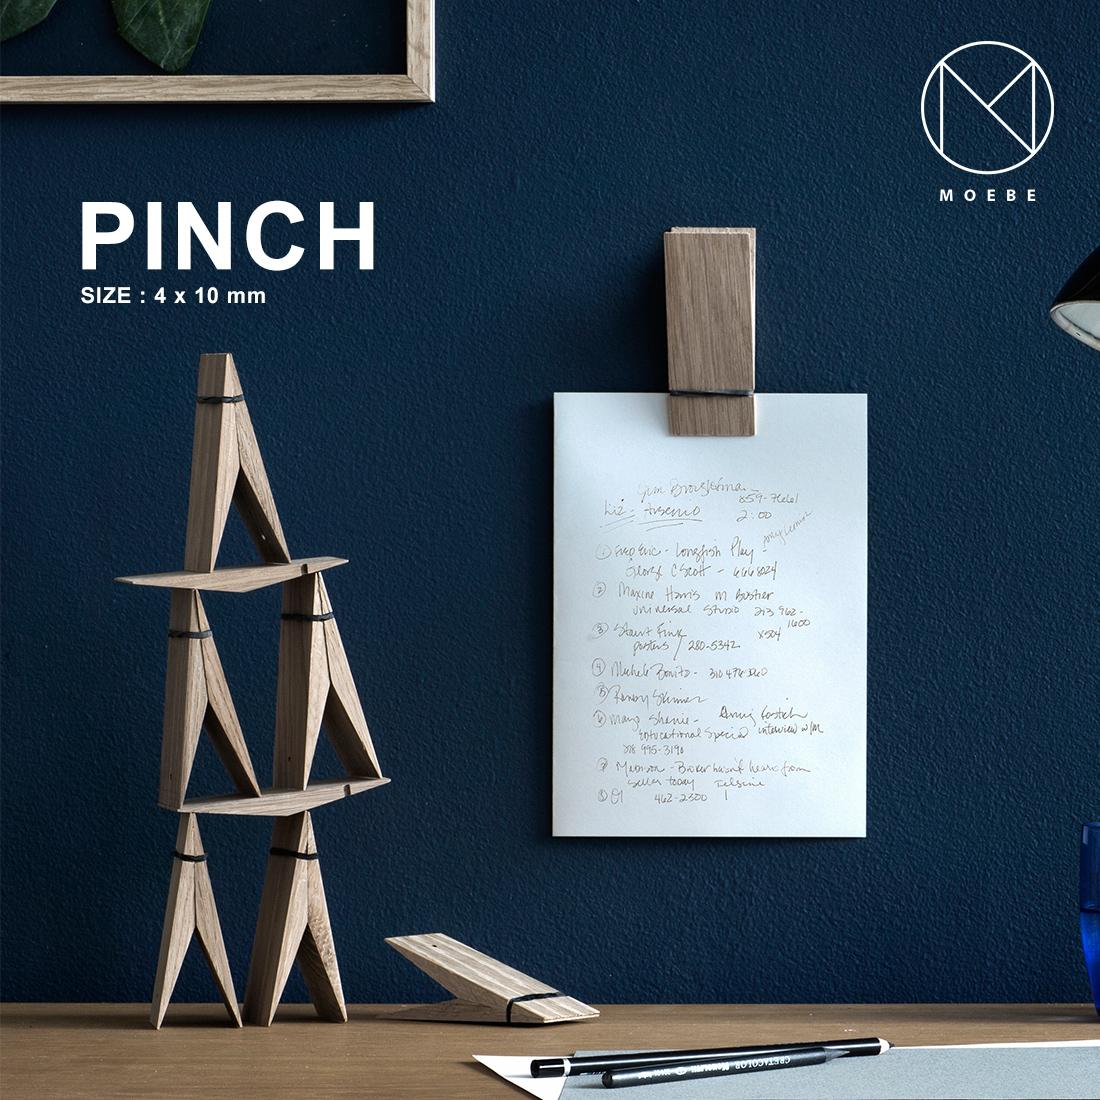 2人の建築家と1人の家具職人が2014年に創業した日本初上陸となる MOEBE ムーベ ファクトリーアウトレット クーポン発行中 PINCH ピンチ壁掛け ギフト 写真 フレーム 2020A/W新作送料無料 ブラック クリップ メモ 洗濯バサミ 大きいサイズ オーク